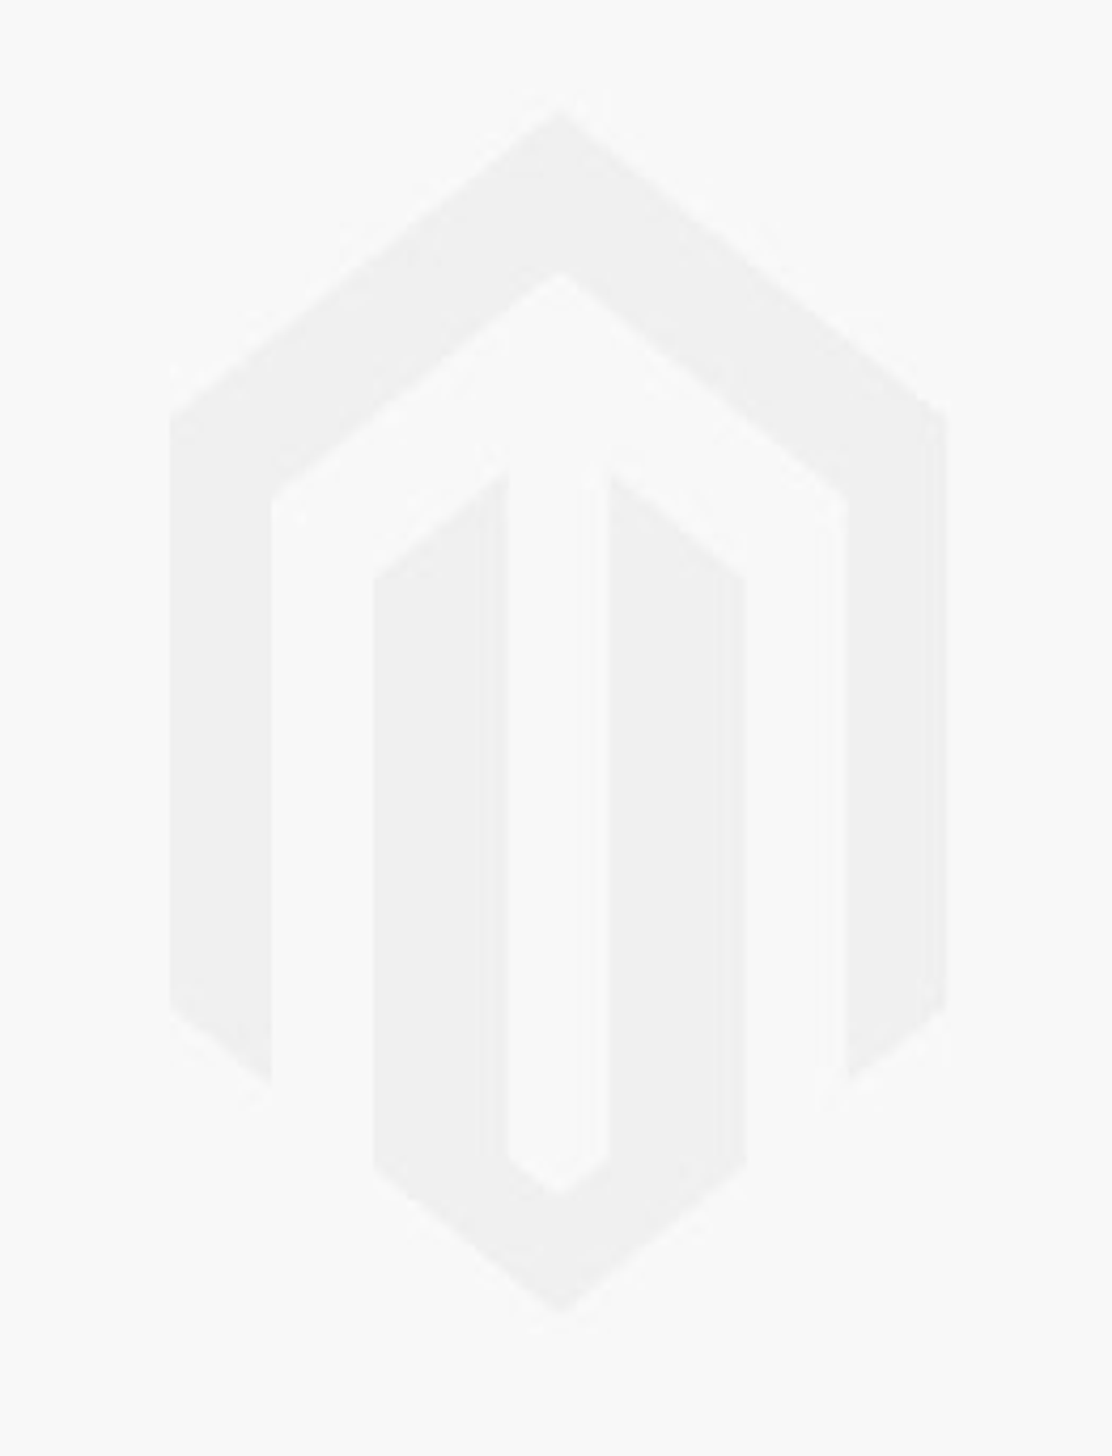 4.5mm Light Pink Diamond Flower Threaded Stud - WHITE GOLD Image #1